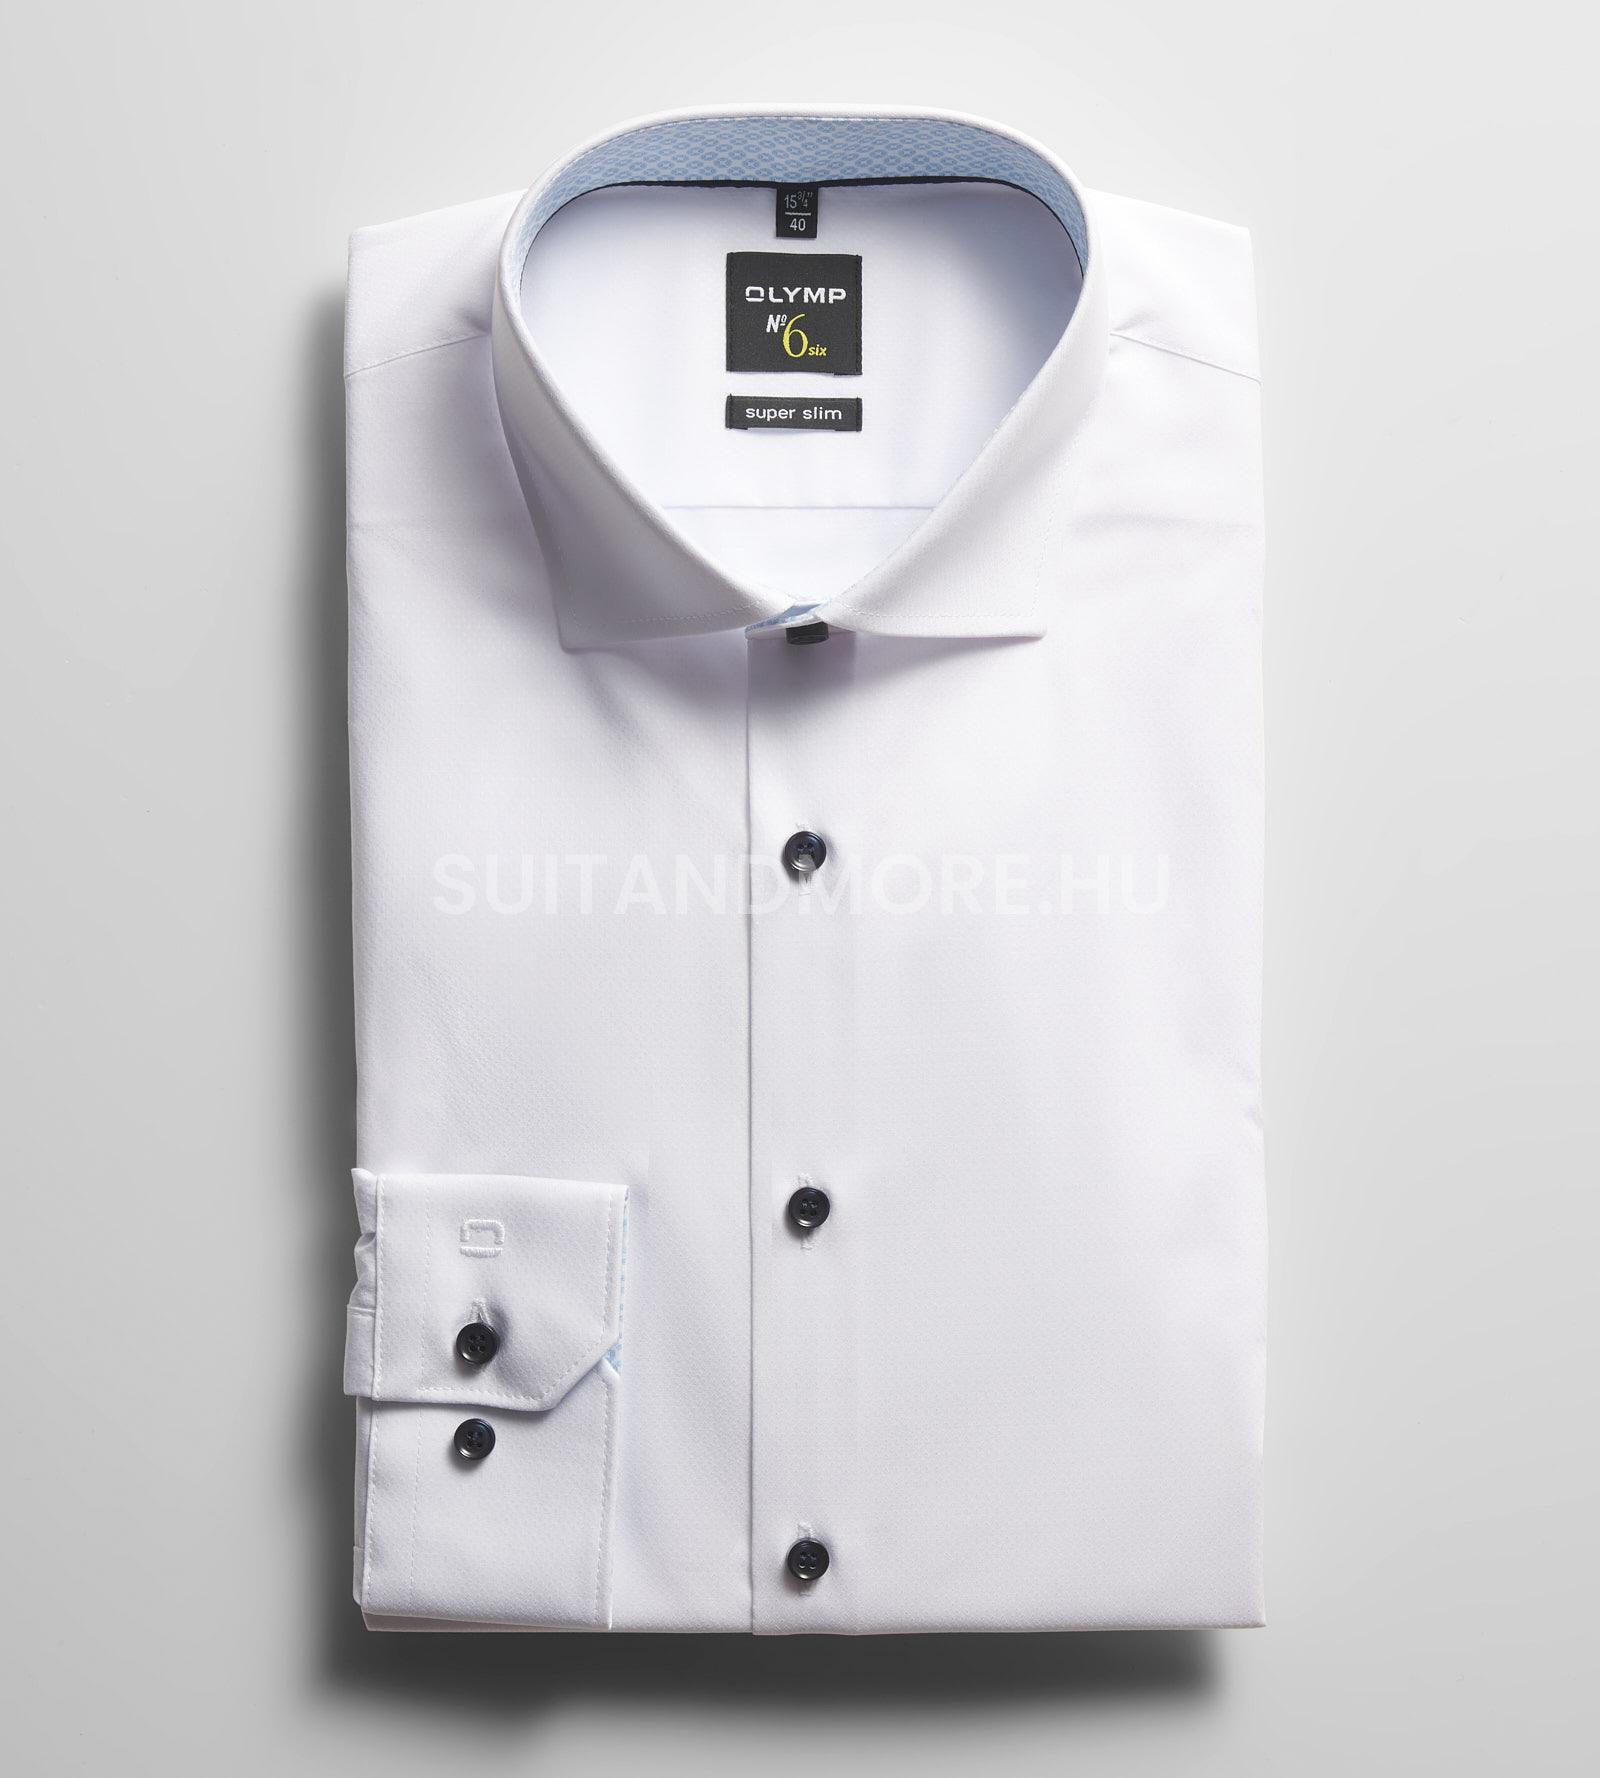 OLYMP-No-Six-fehér-super-slim-vasaláskönnyített-ing-2540-34-00-01